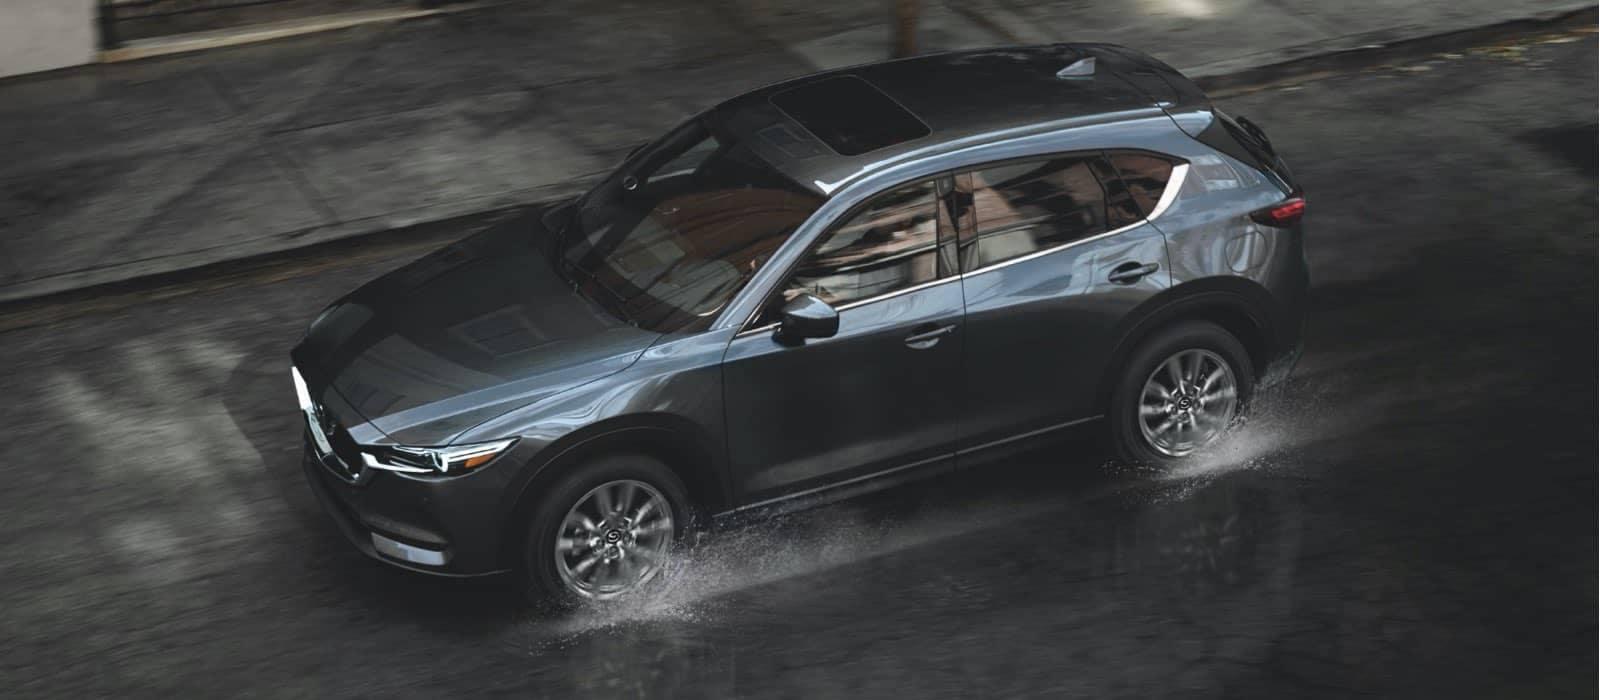 2021 Mazda CX-5 splashing in puddles _mobile (1)